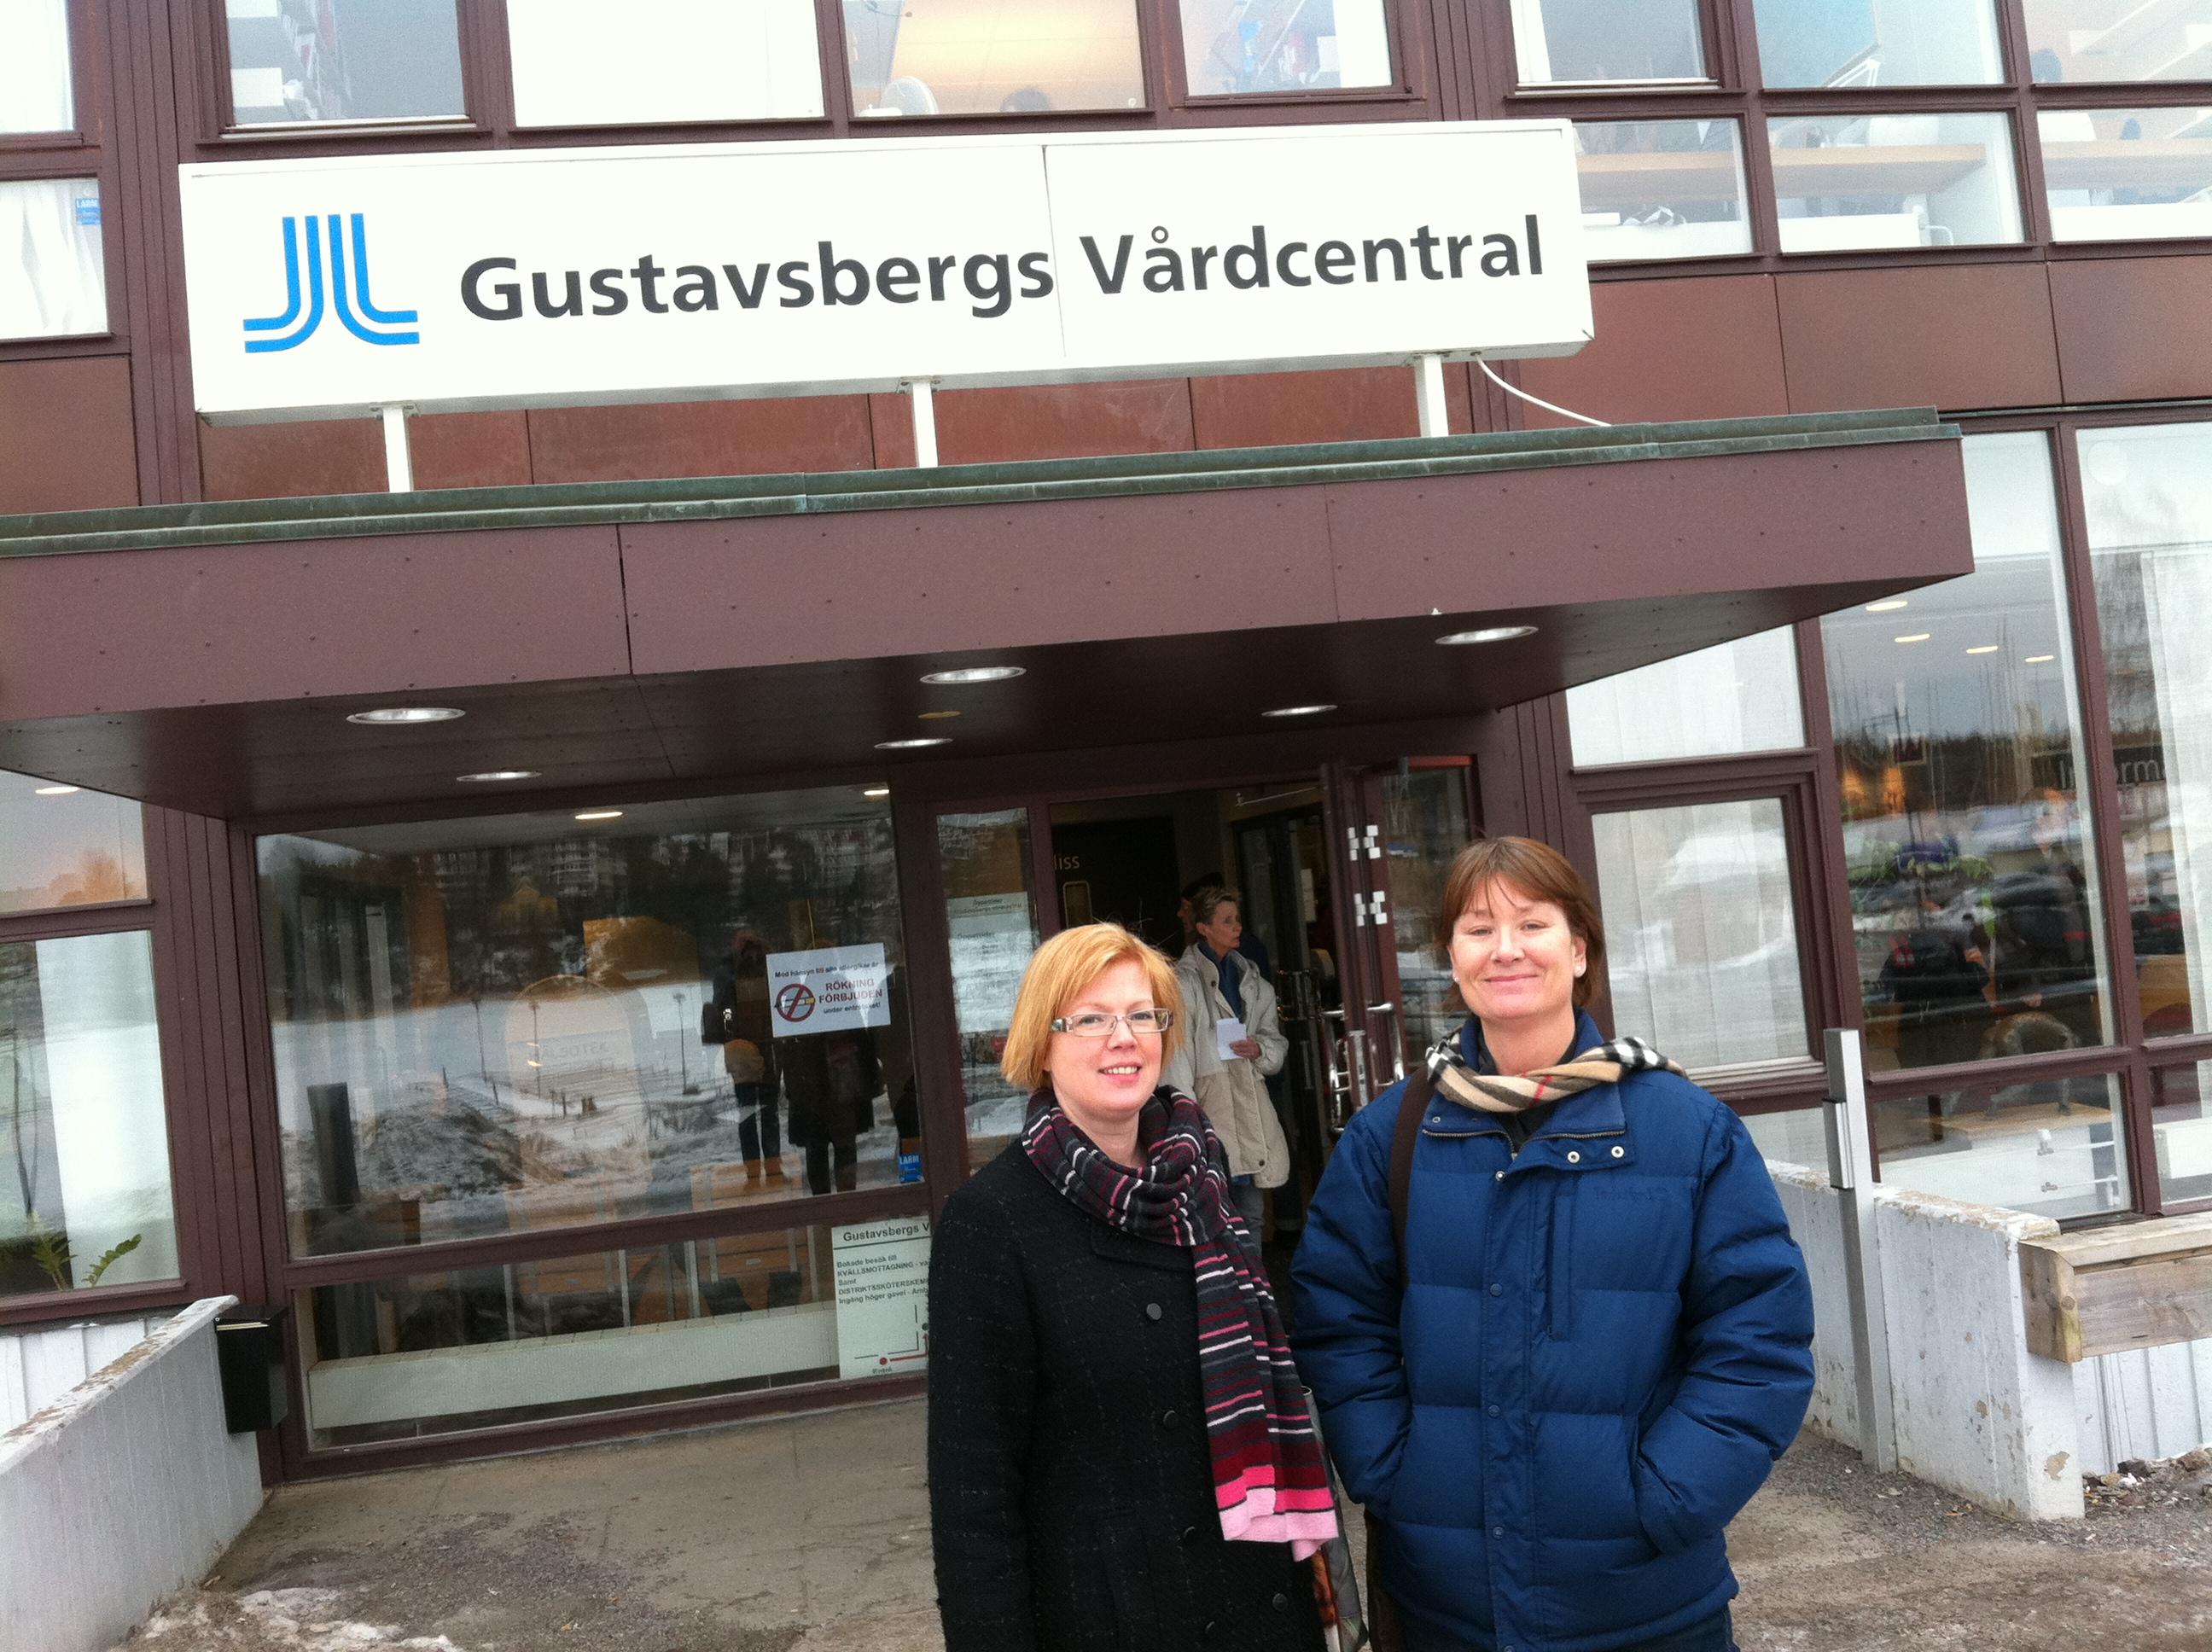 Utanför Gustavsbergs vårdcentral tillsammans med verksamhetschefen Kersti Ejeby.